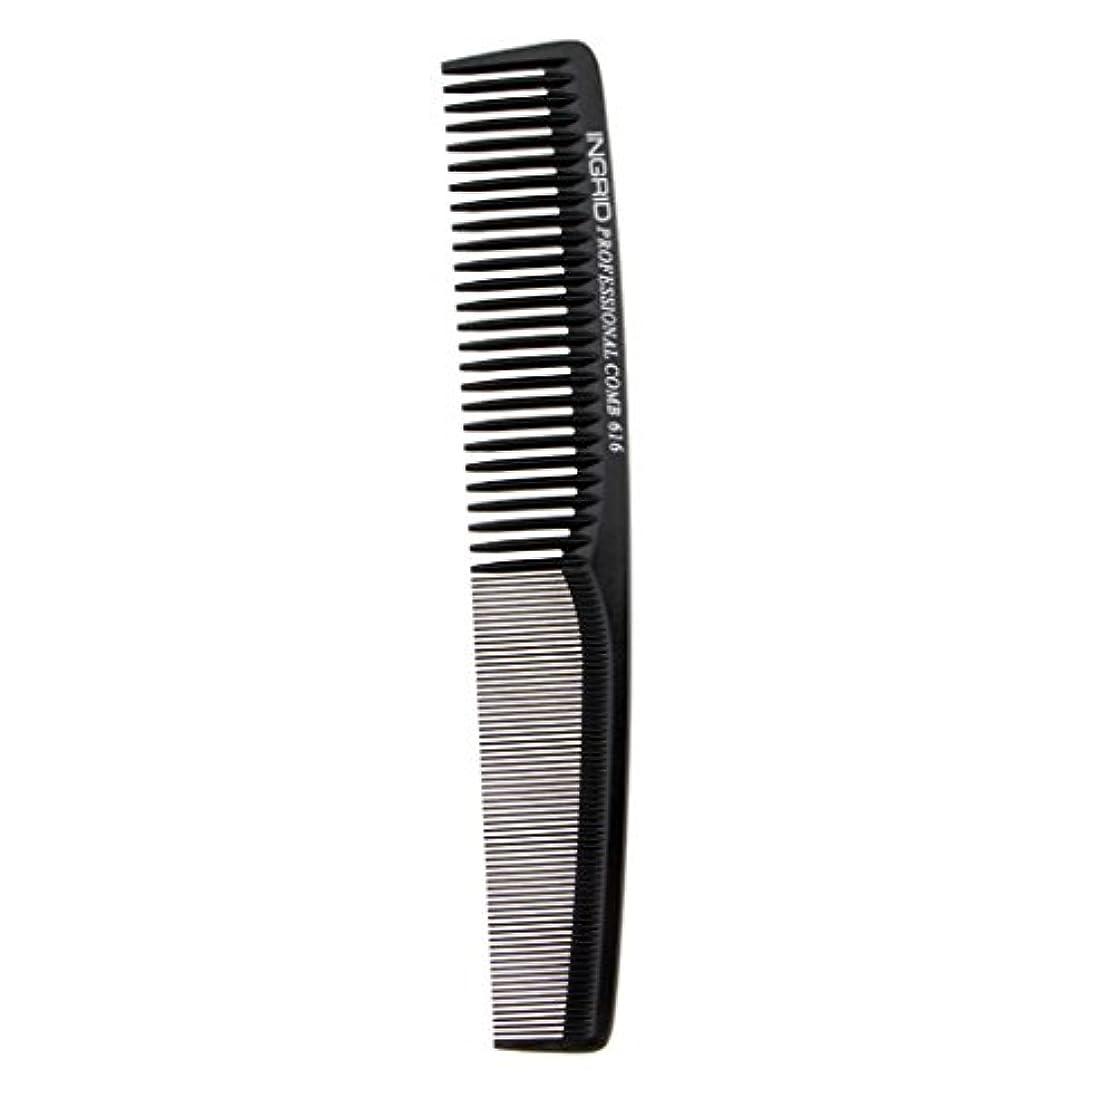 オークするだろう吐くヘアカットコーム 櫛 コーム 理髪店 ヘアケア 便利 全5色 - ブラック